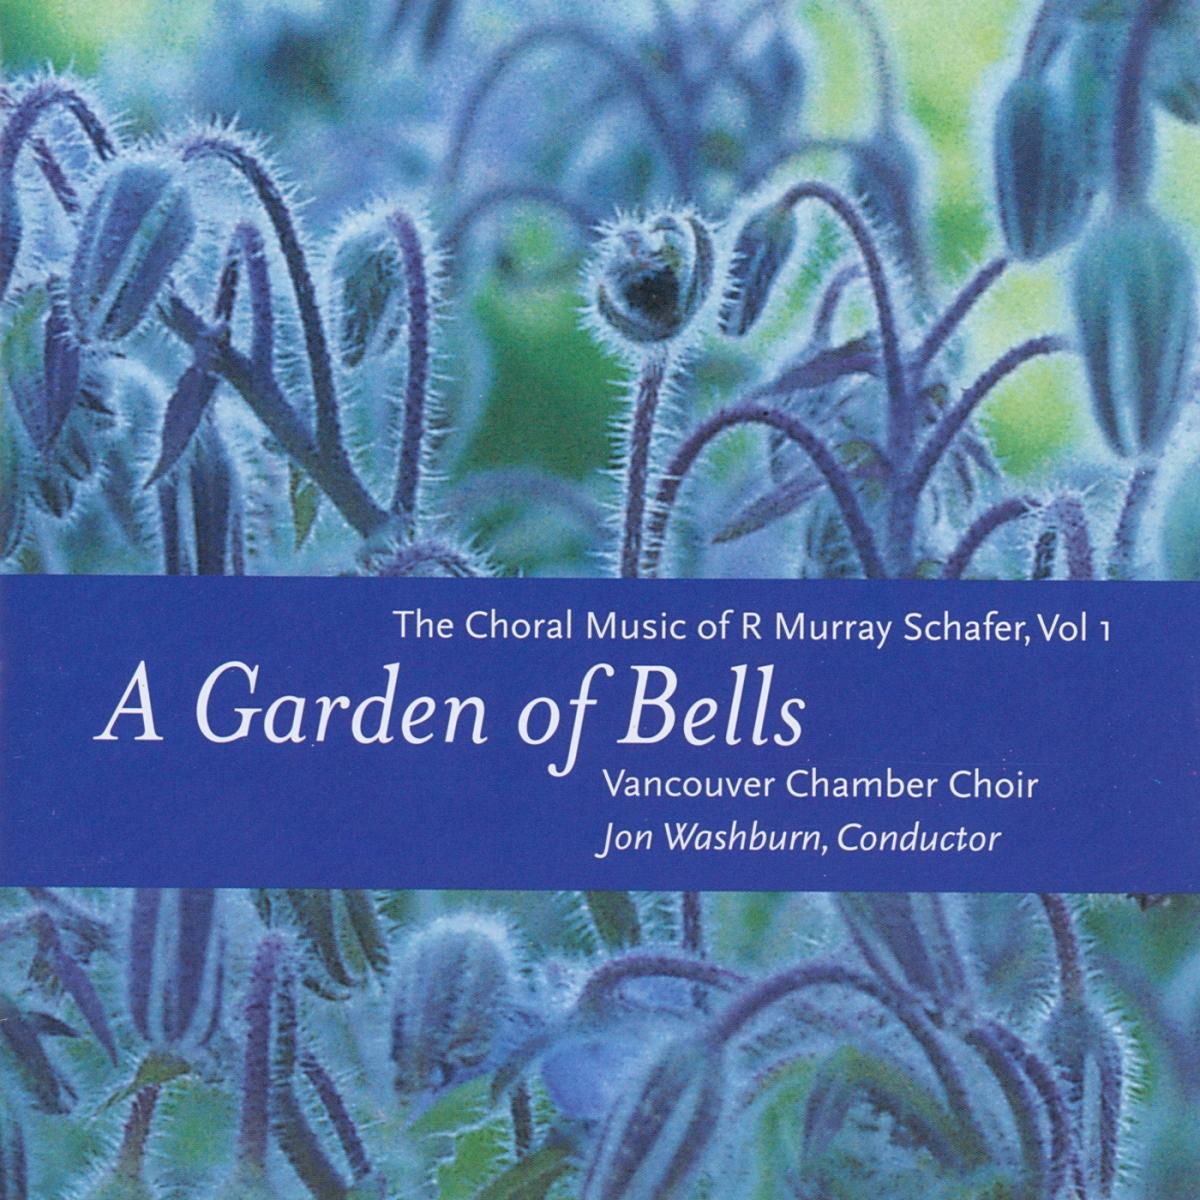 A Garden of Bells